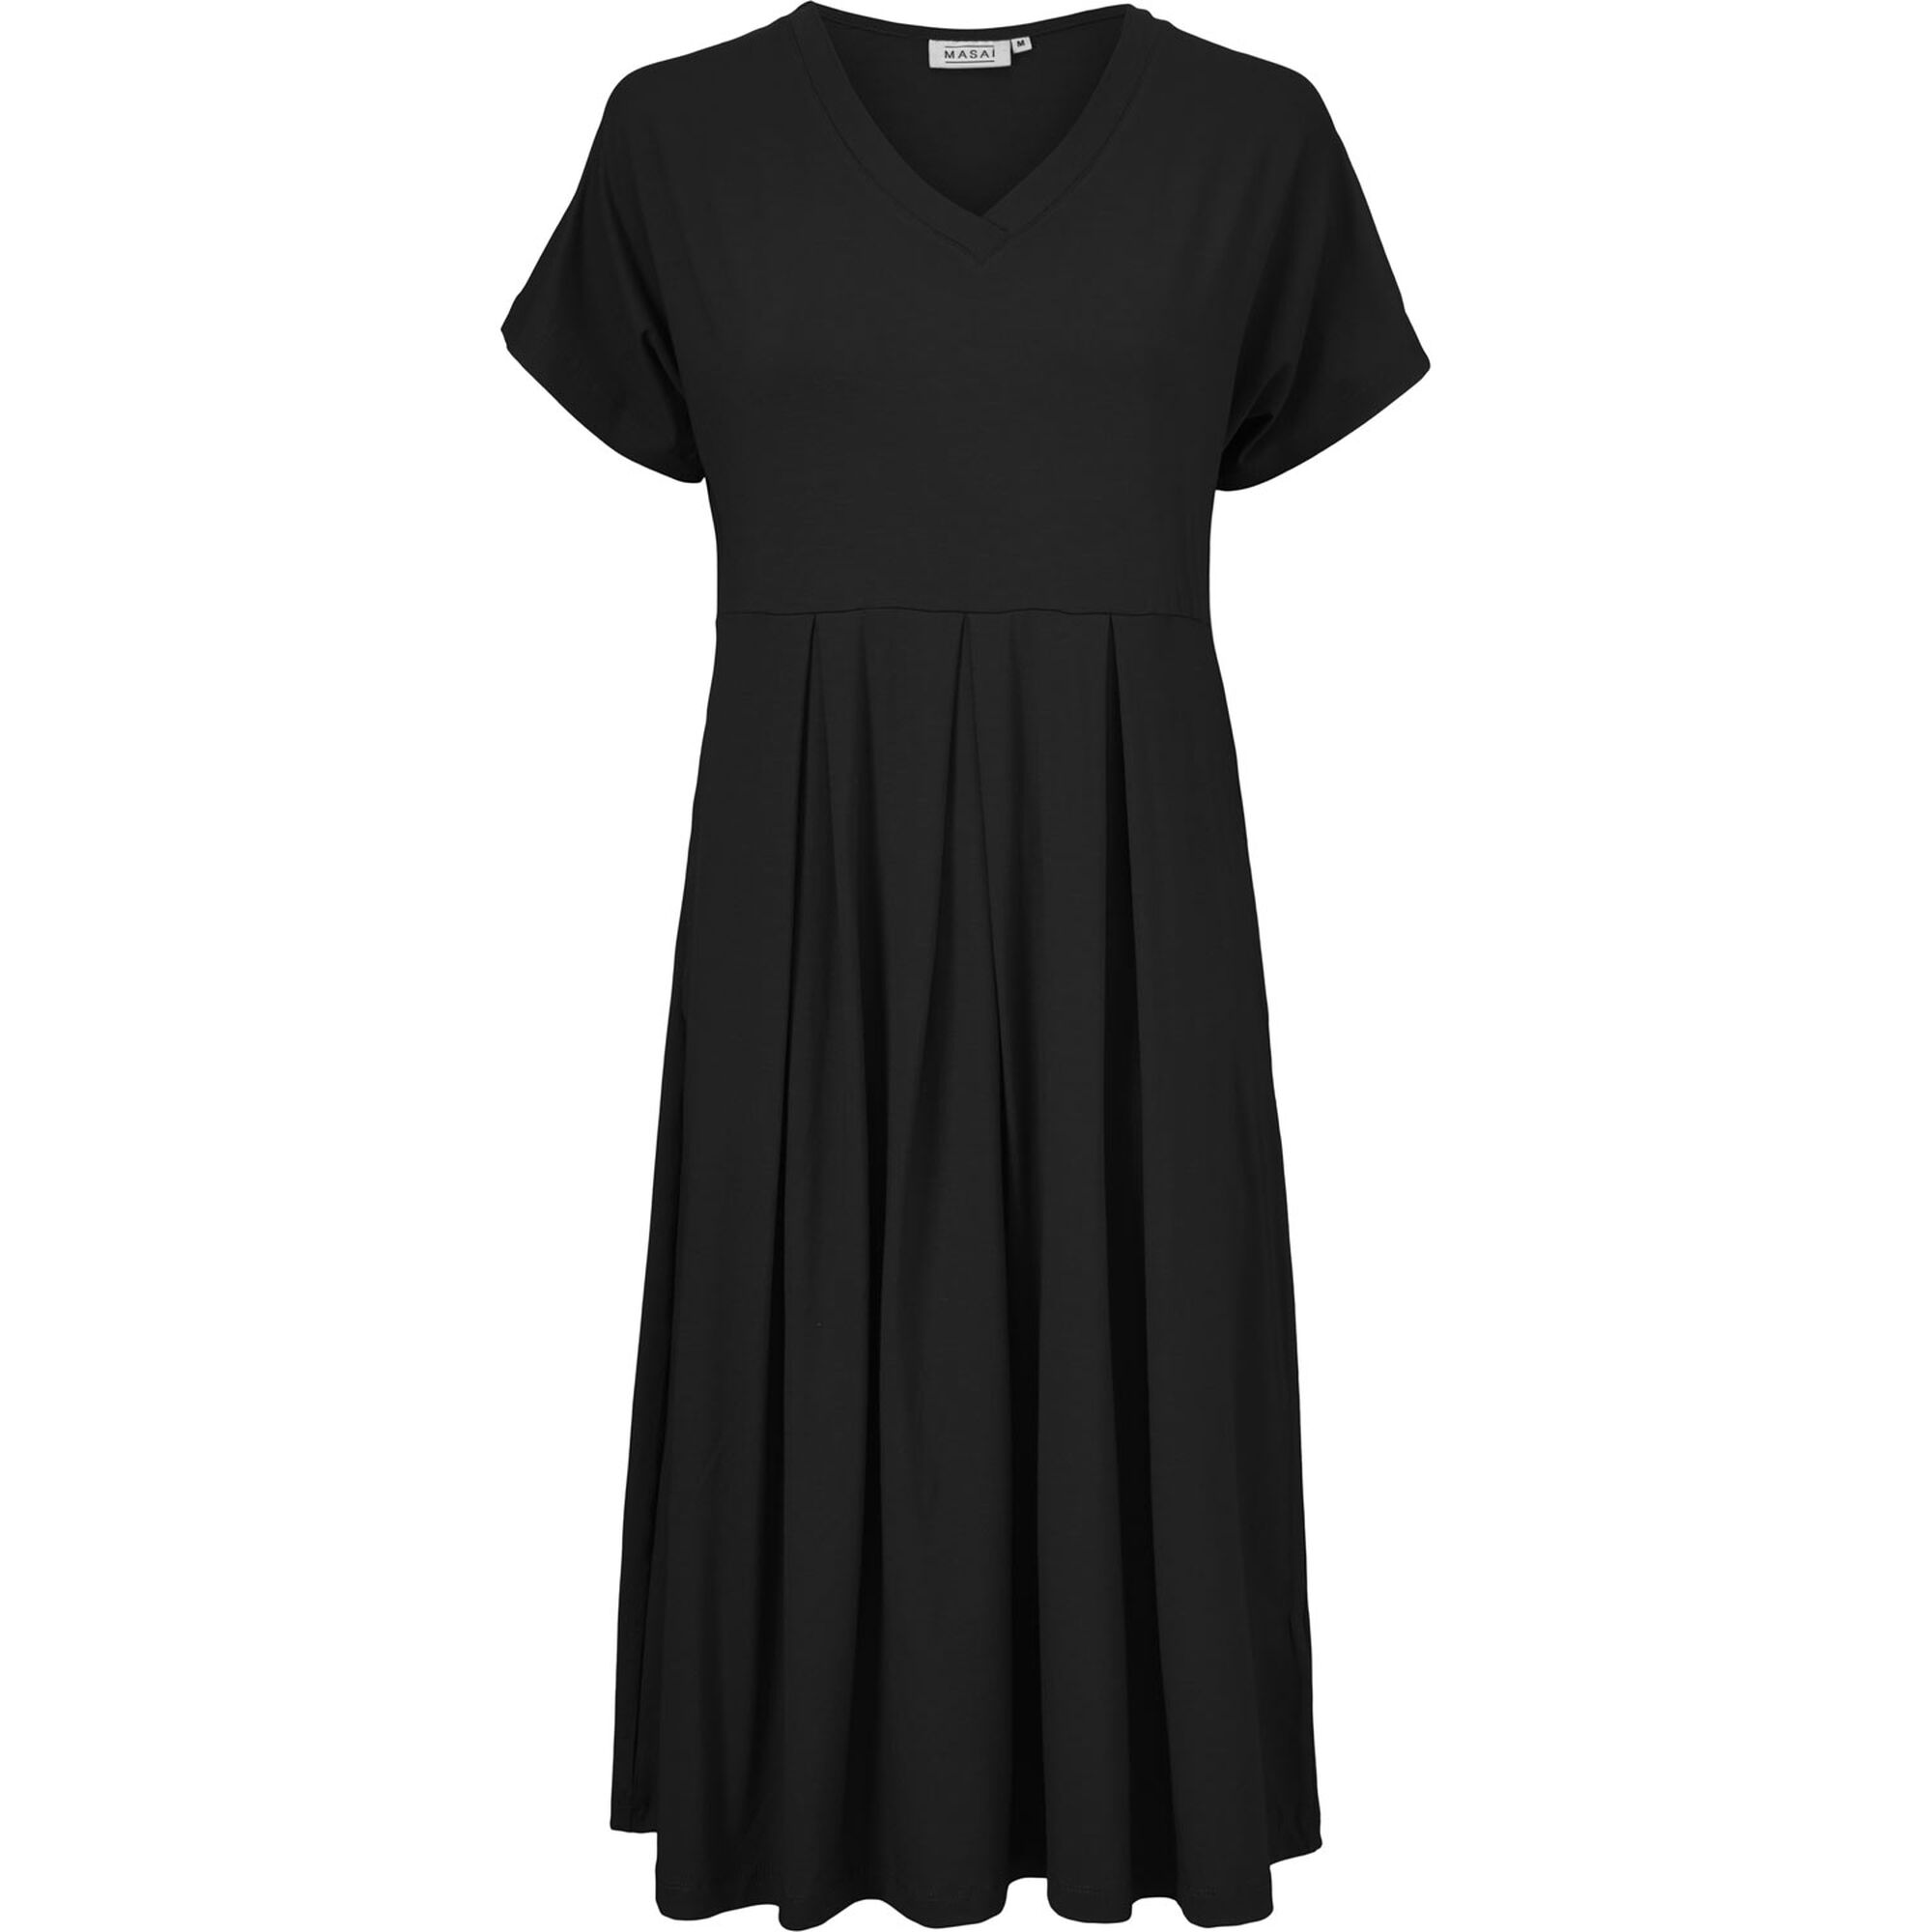 OCISA DRESS, Black, hi-res